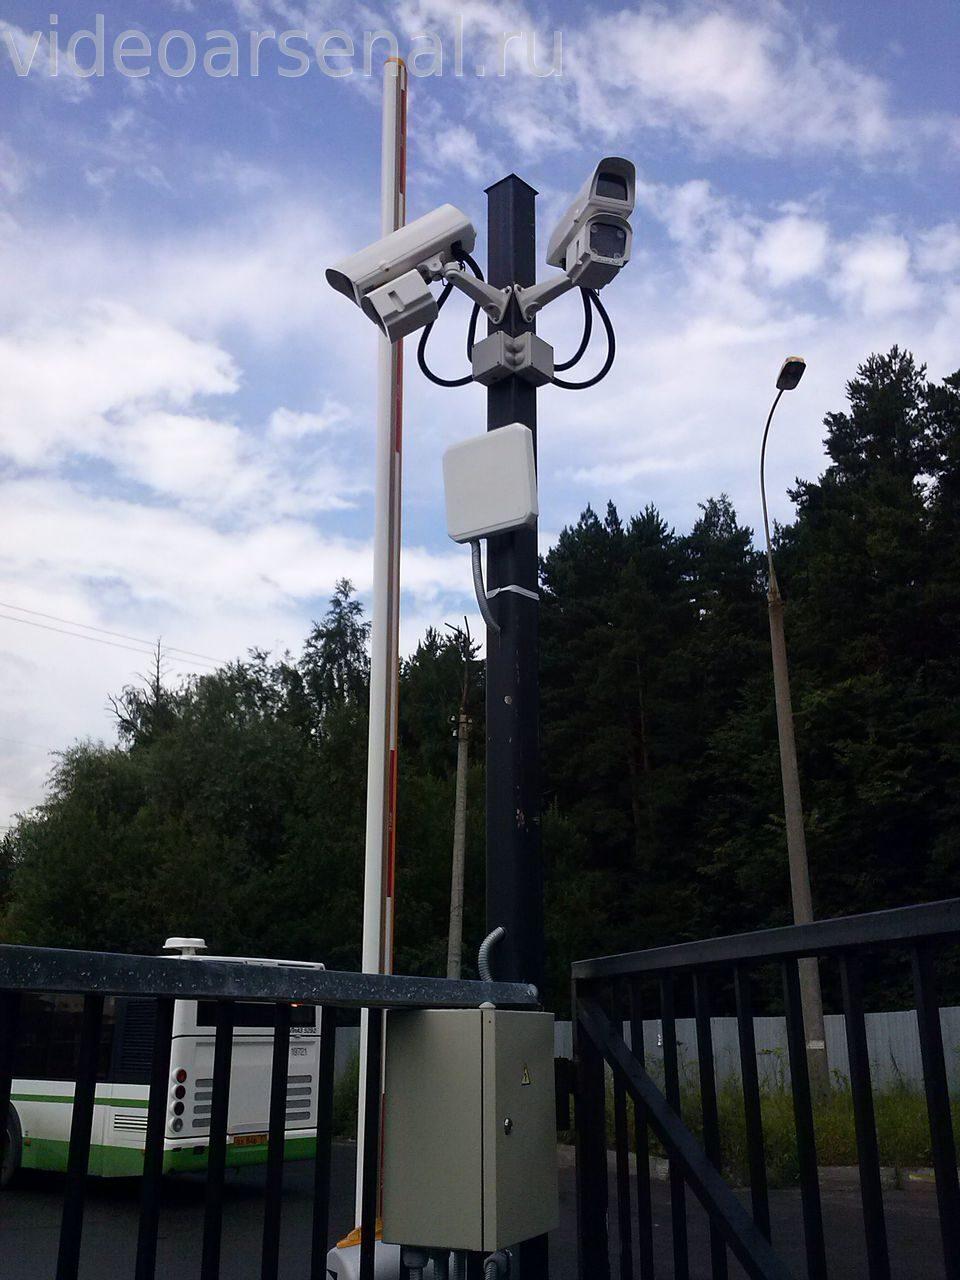 организации по установке систем видеонаблюдения на складе